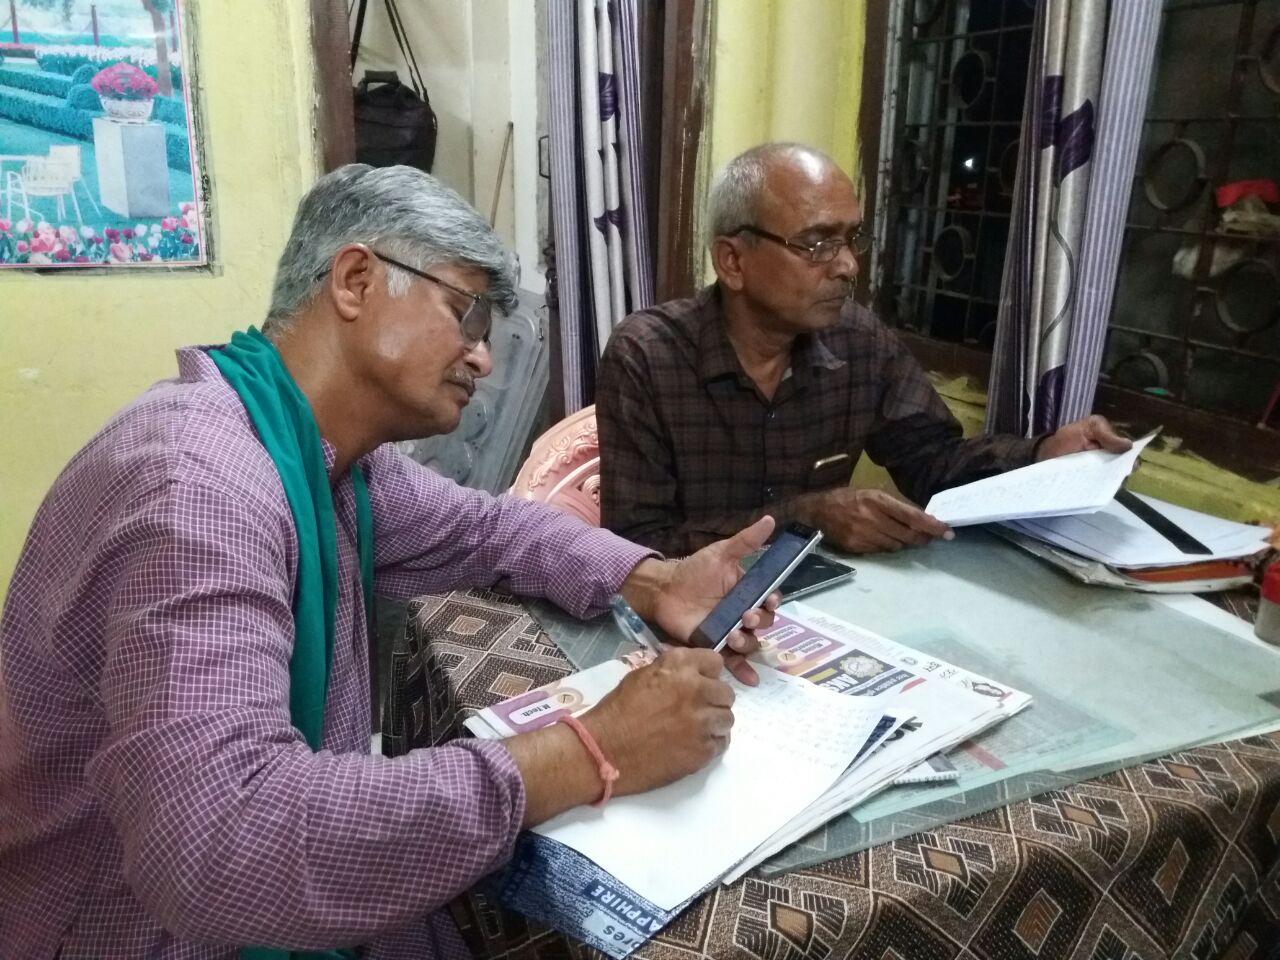 सपा के पूर्व विधायक से अभद्रता मामले में टीसी निलंबित ,चार आरोपी हिरासत में